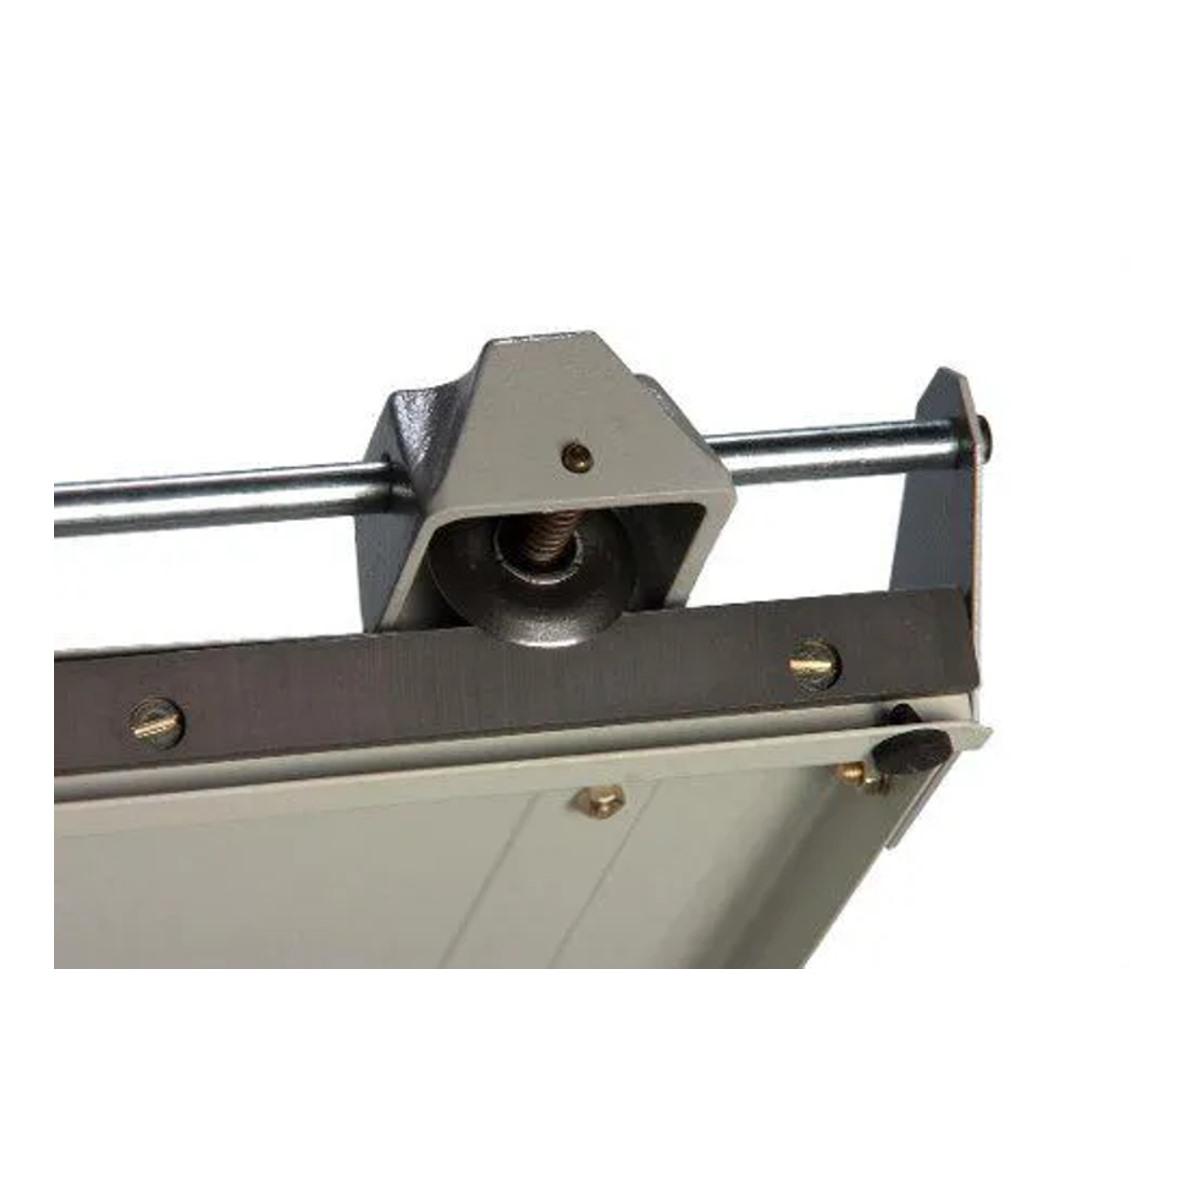 Refiladora Guilhotina Corte Rotativa 46cm Tamanho A3